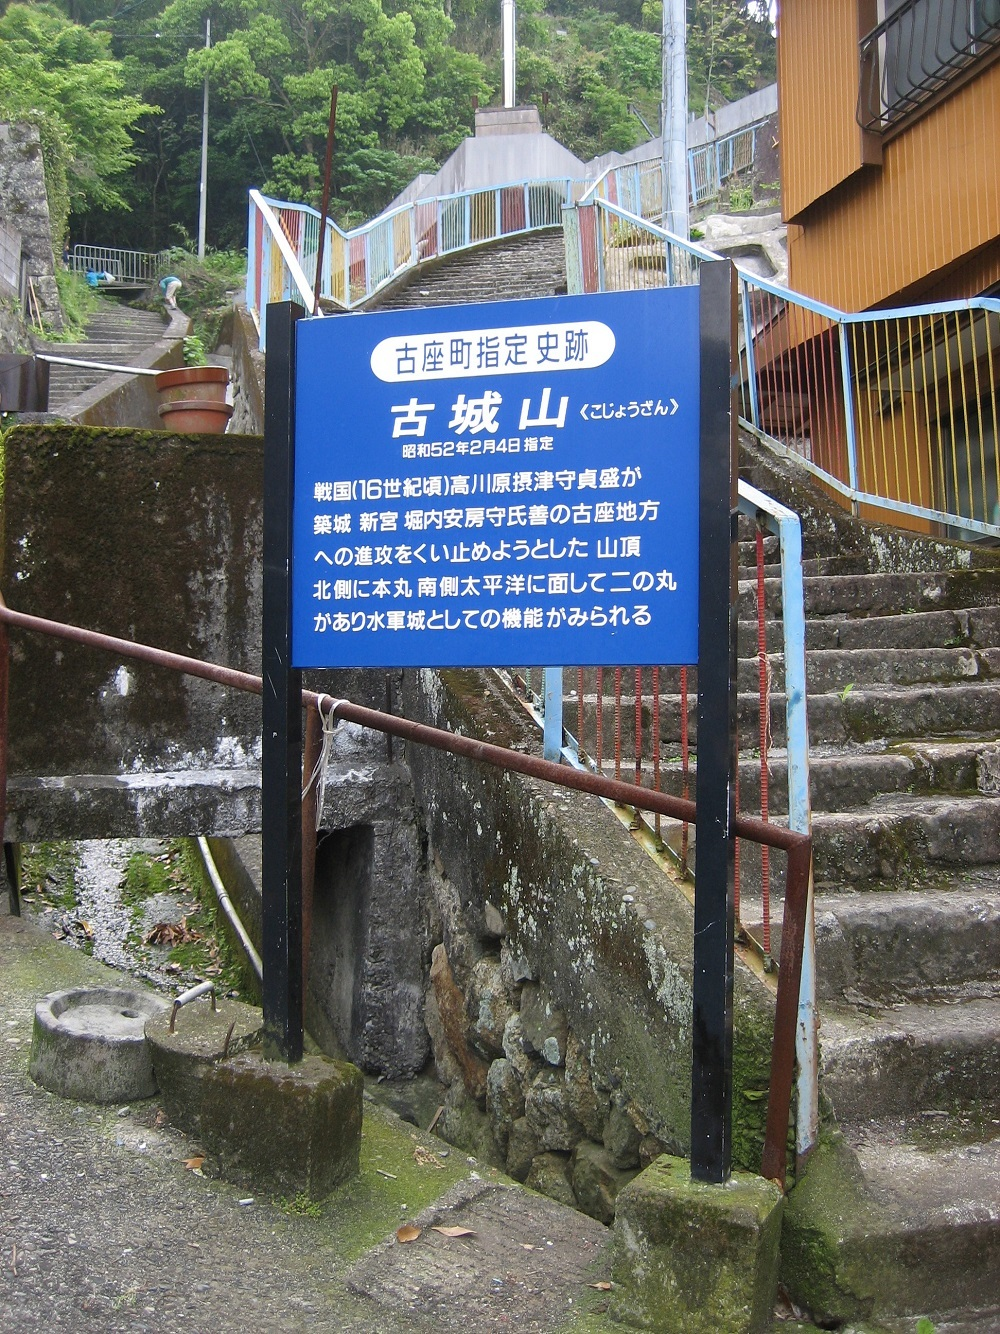 kojyouyamasiro55 (4)